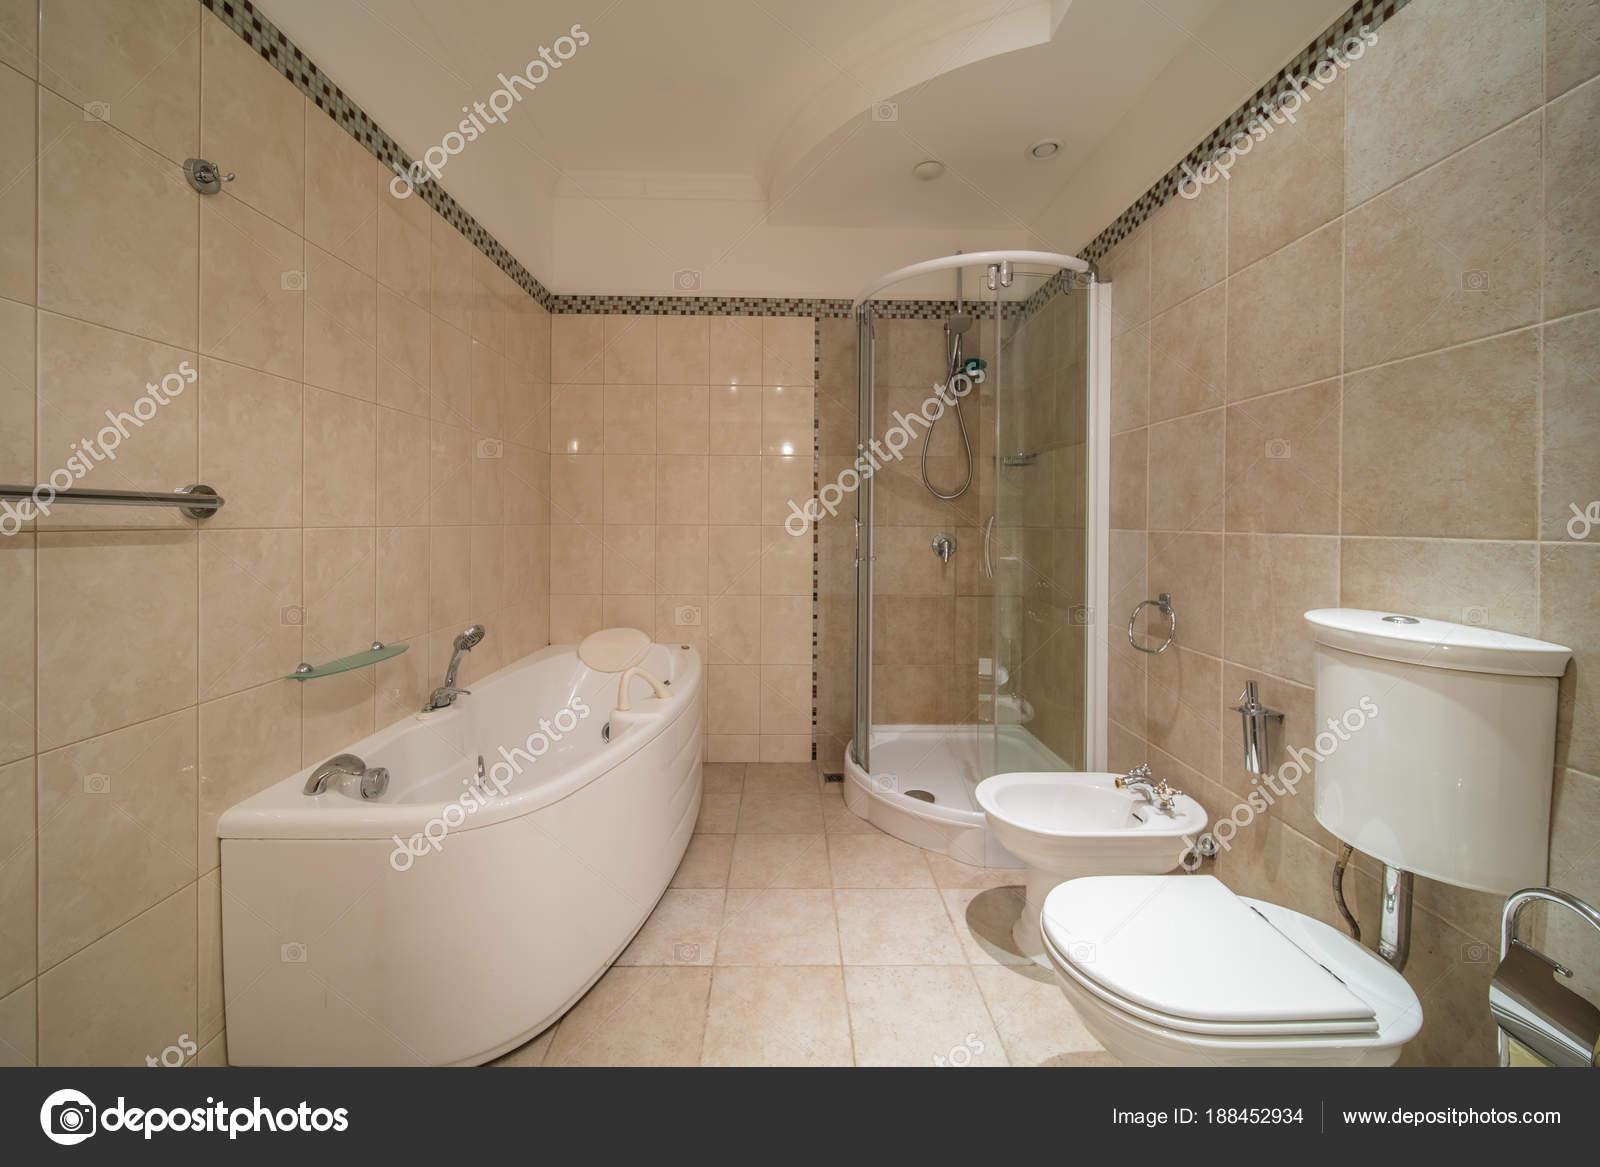 Kleine beige badkamer — Stockfoto © olgasweet #188452934